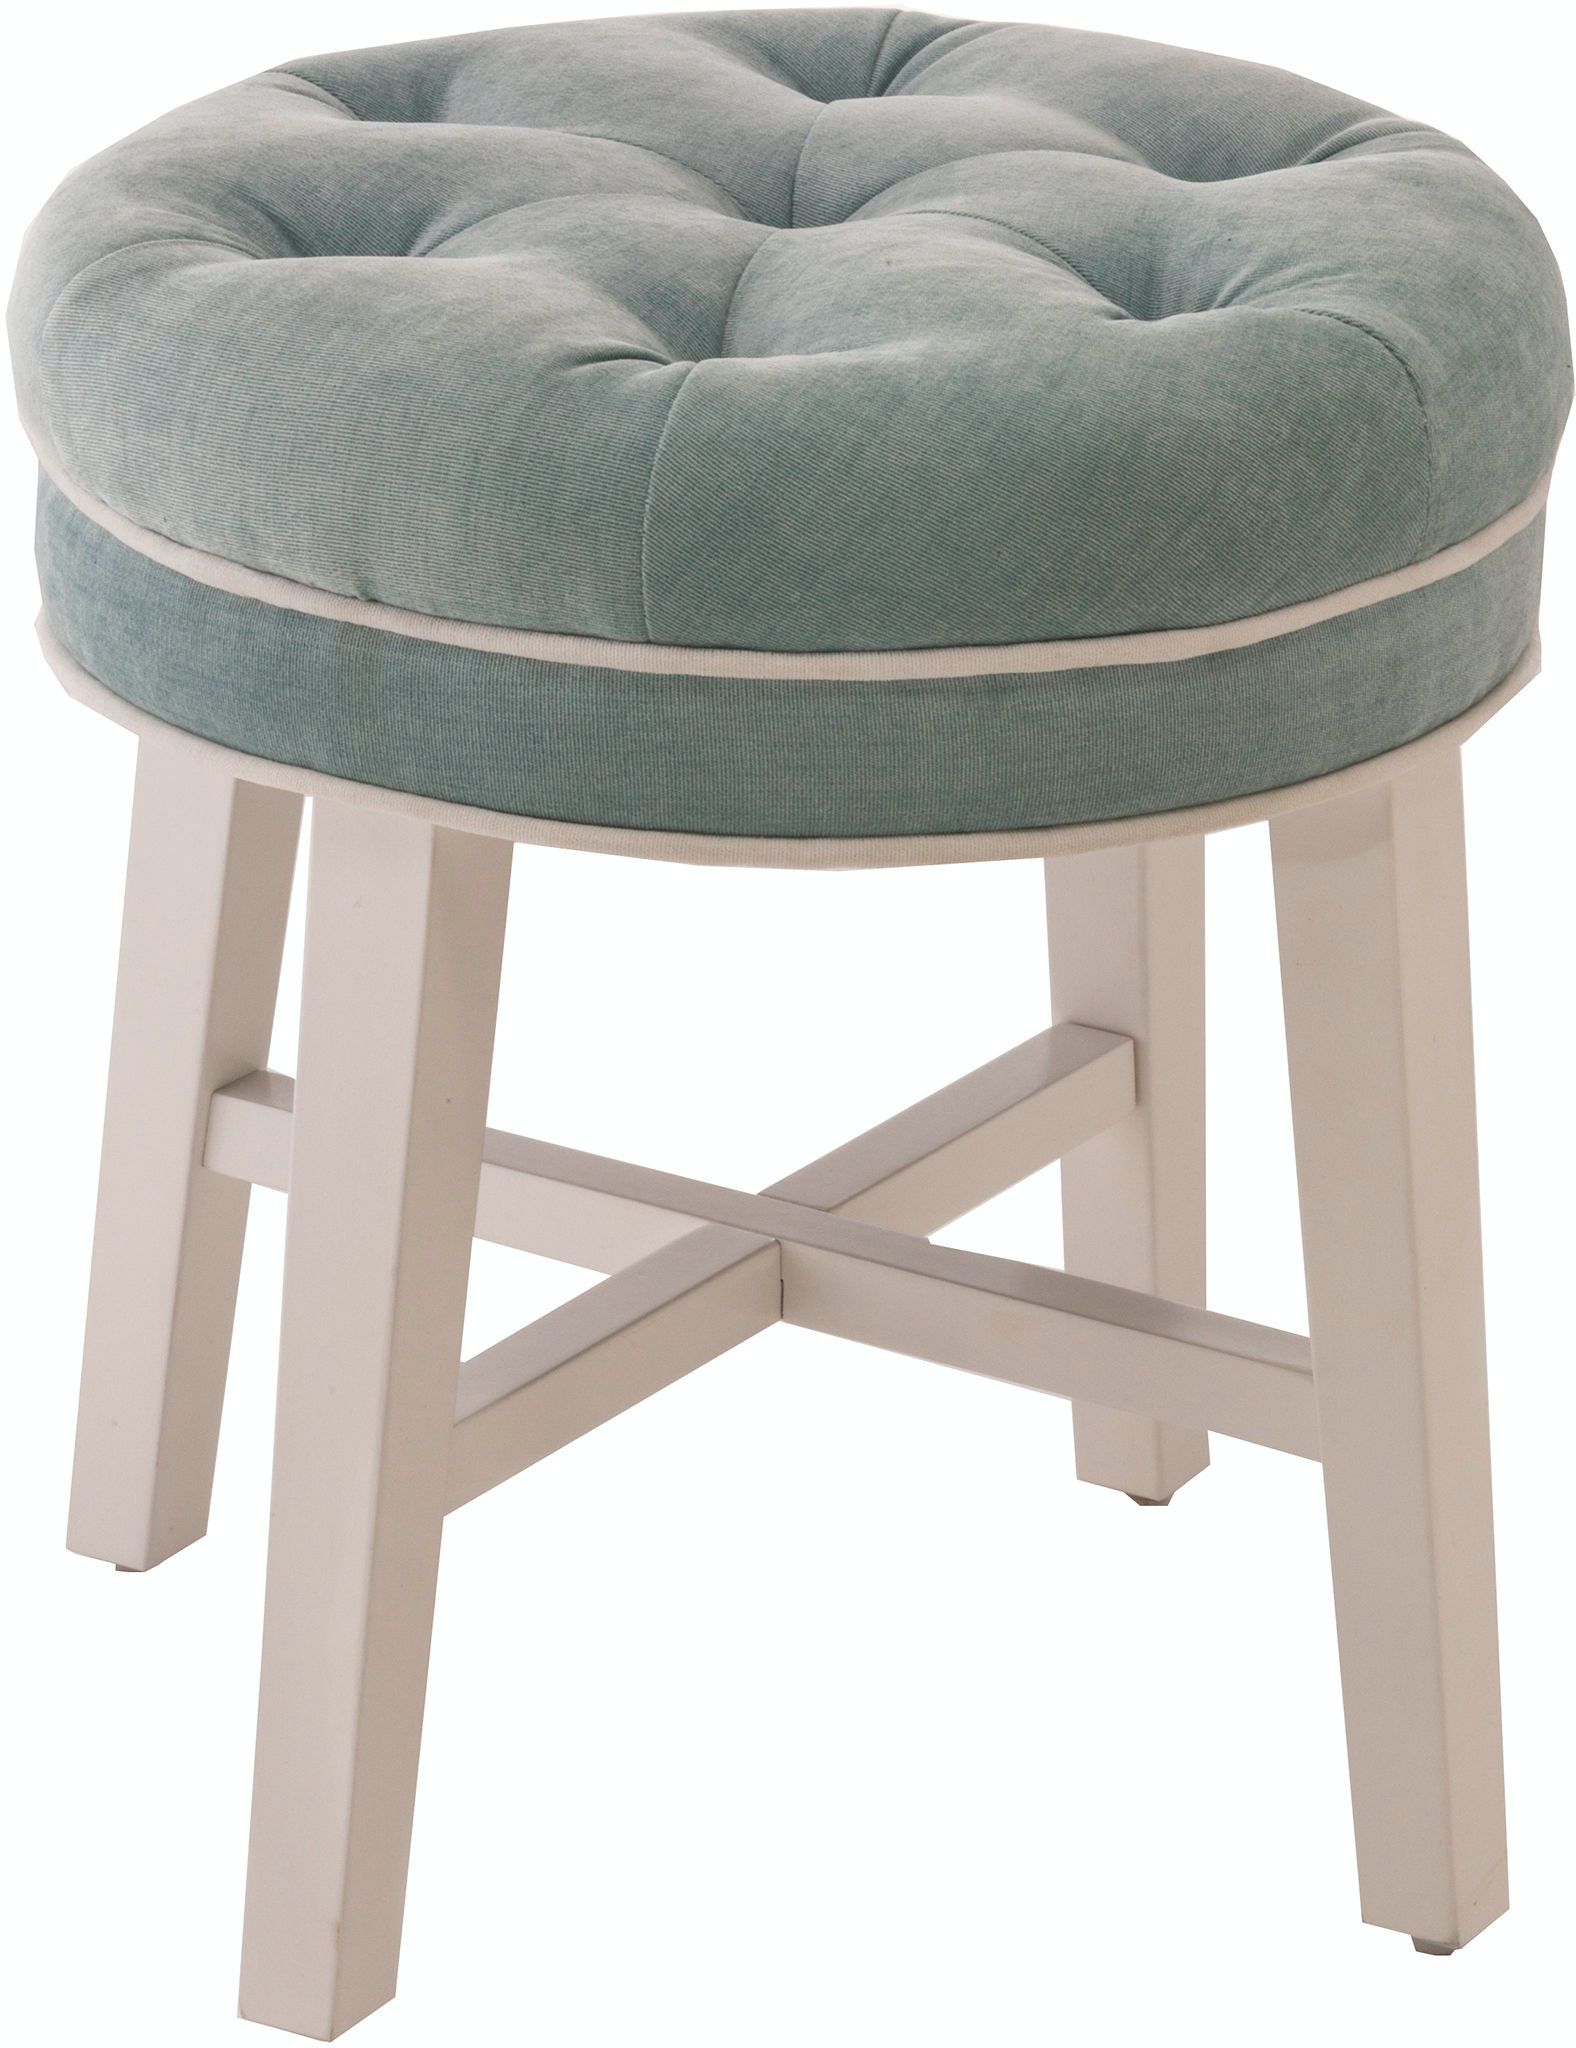 Hillsdale Furniture Bedroom Sophia Vanity Stool With Spa